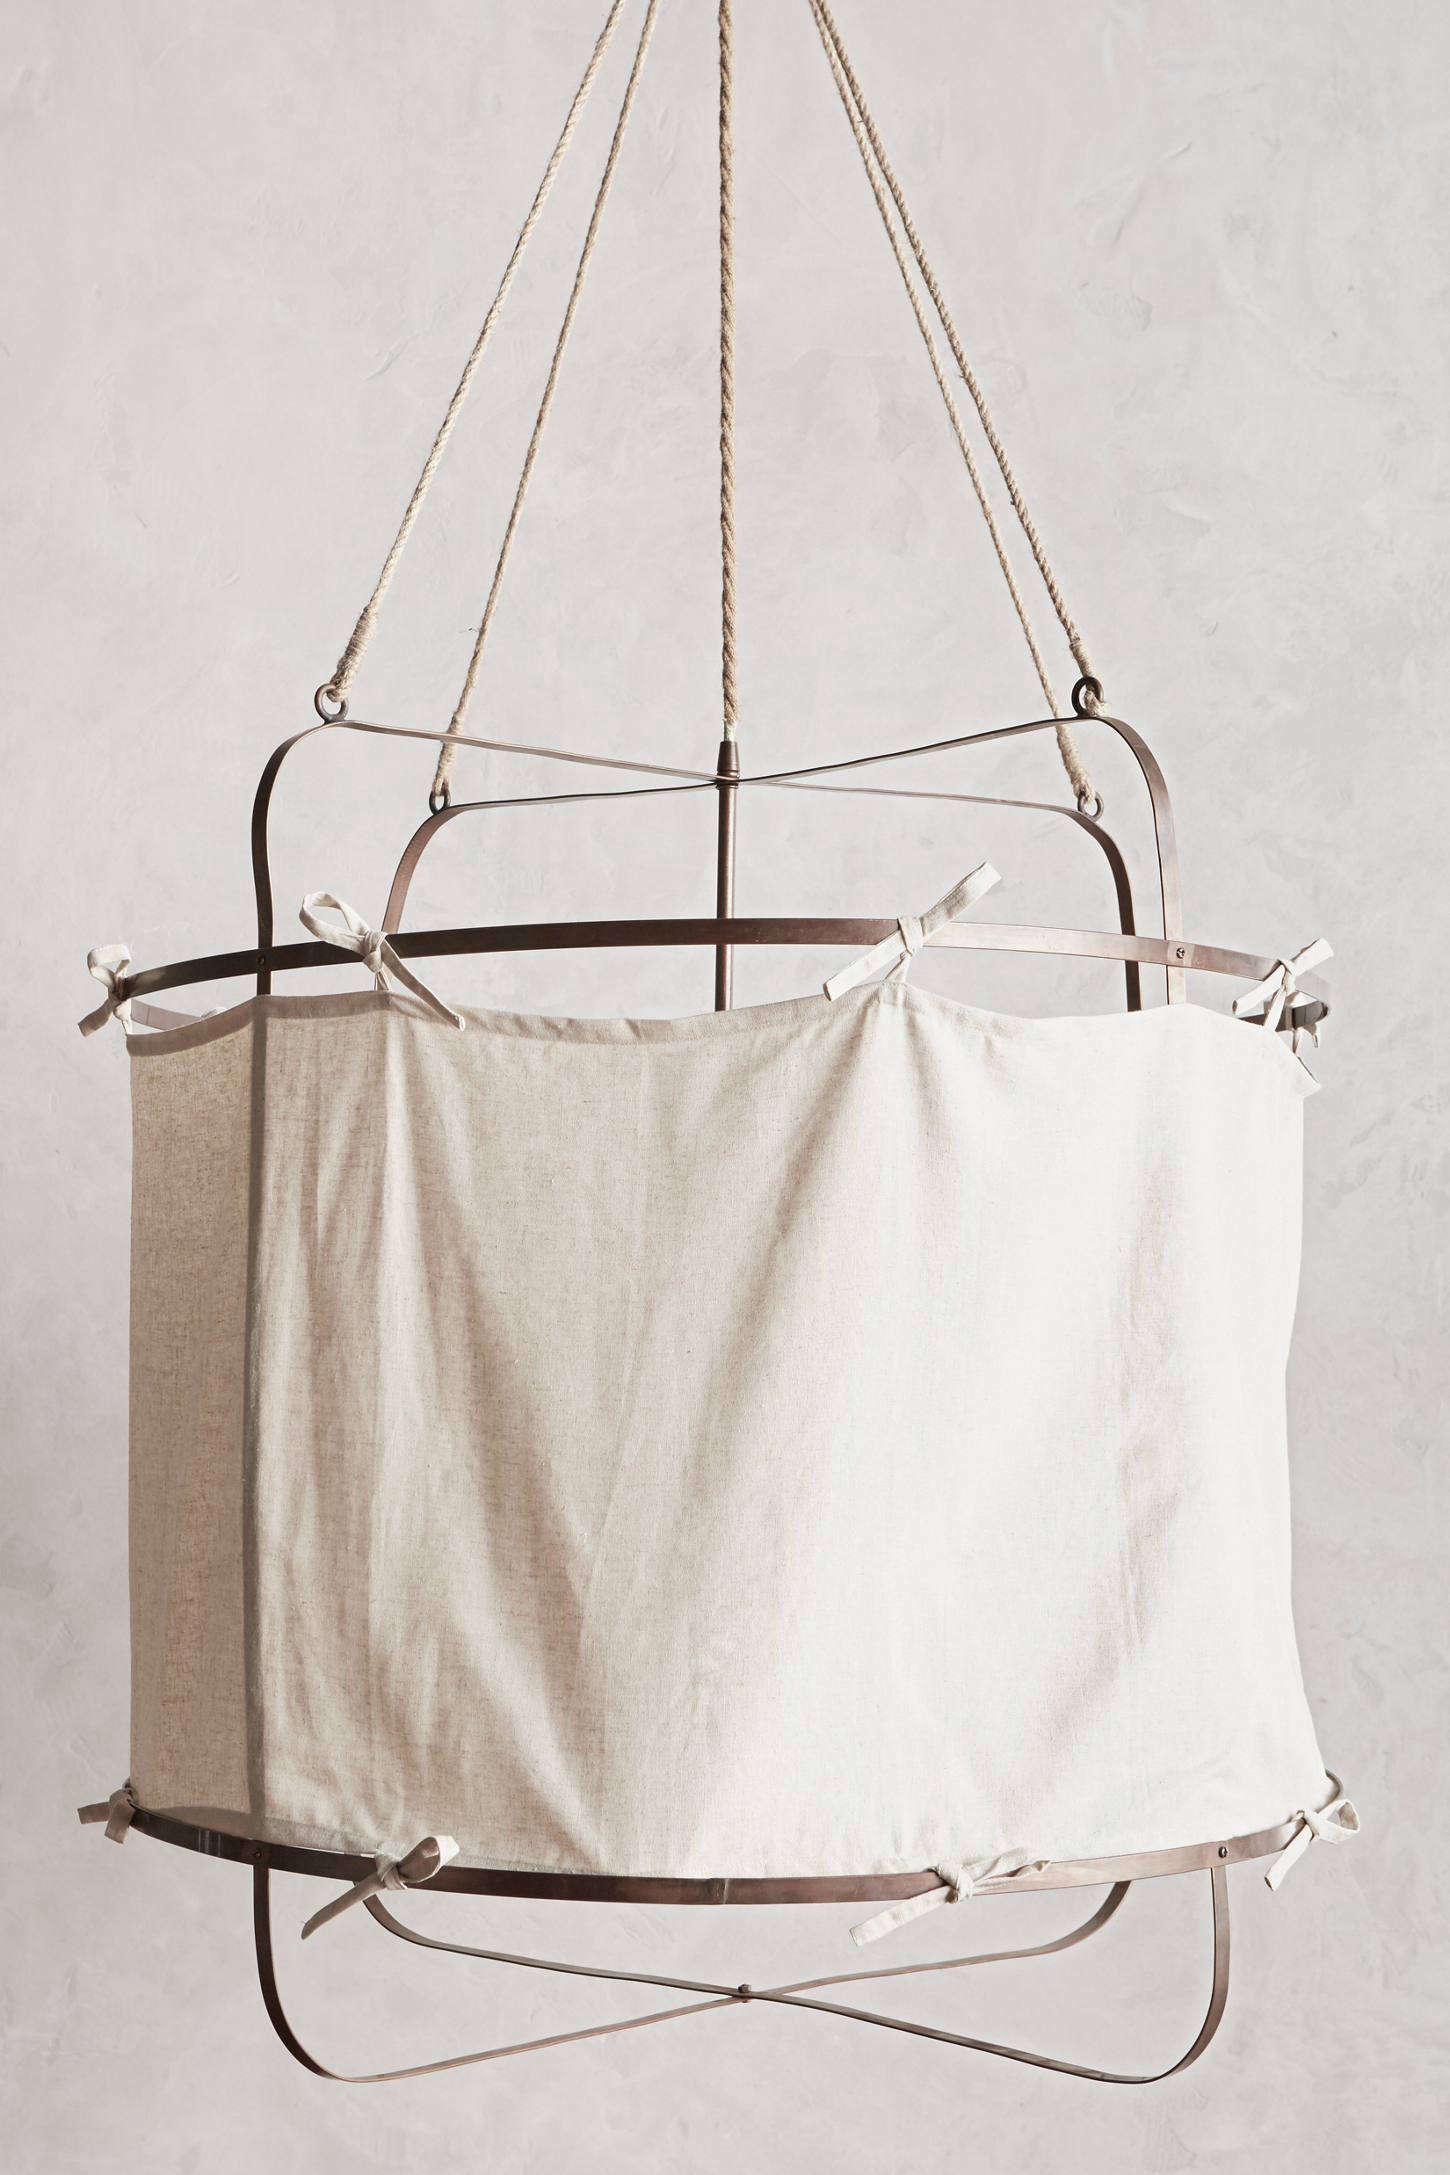 HighLow Fabric Hoop Ceiling Light Fixture 2cotton hoop light fixture anthropologie